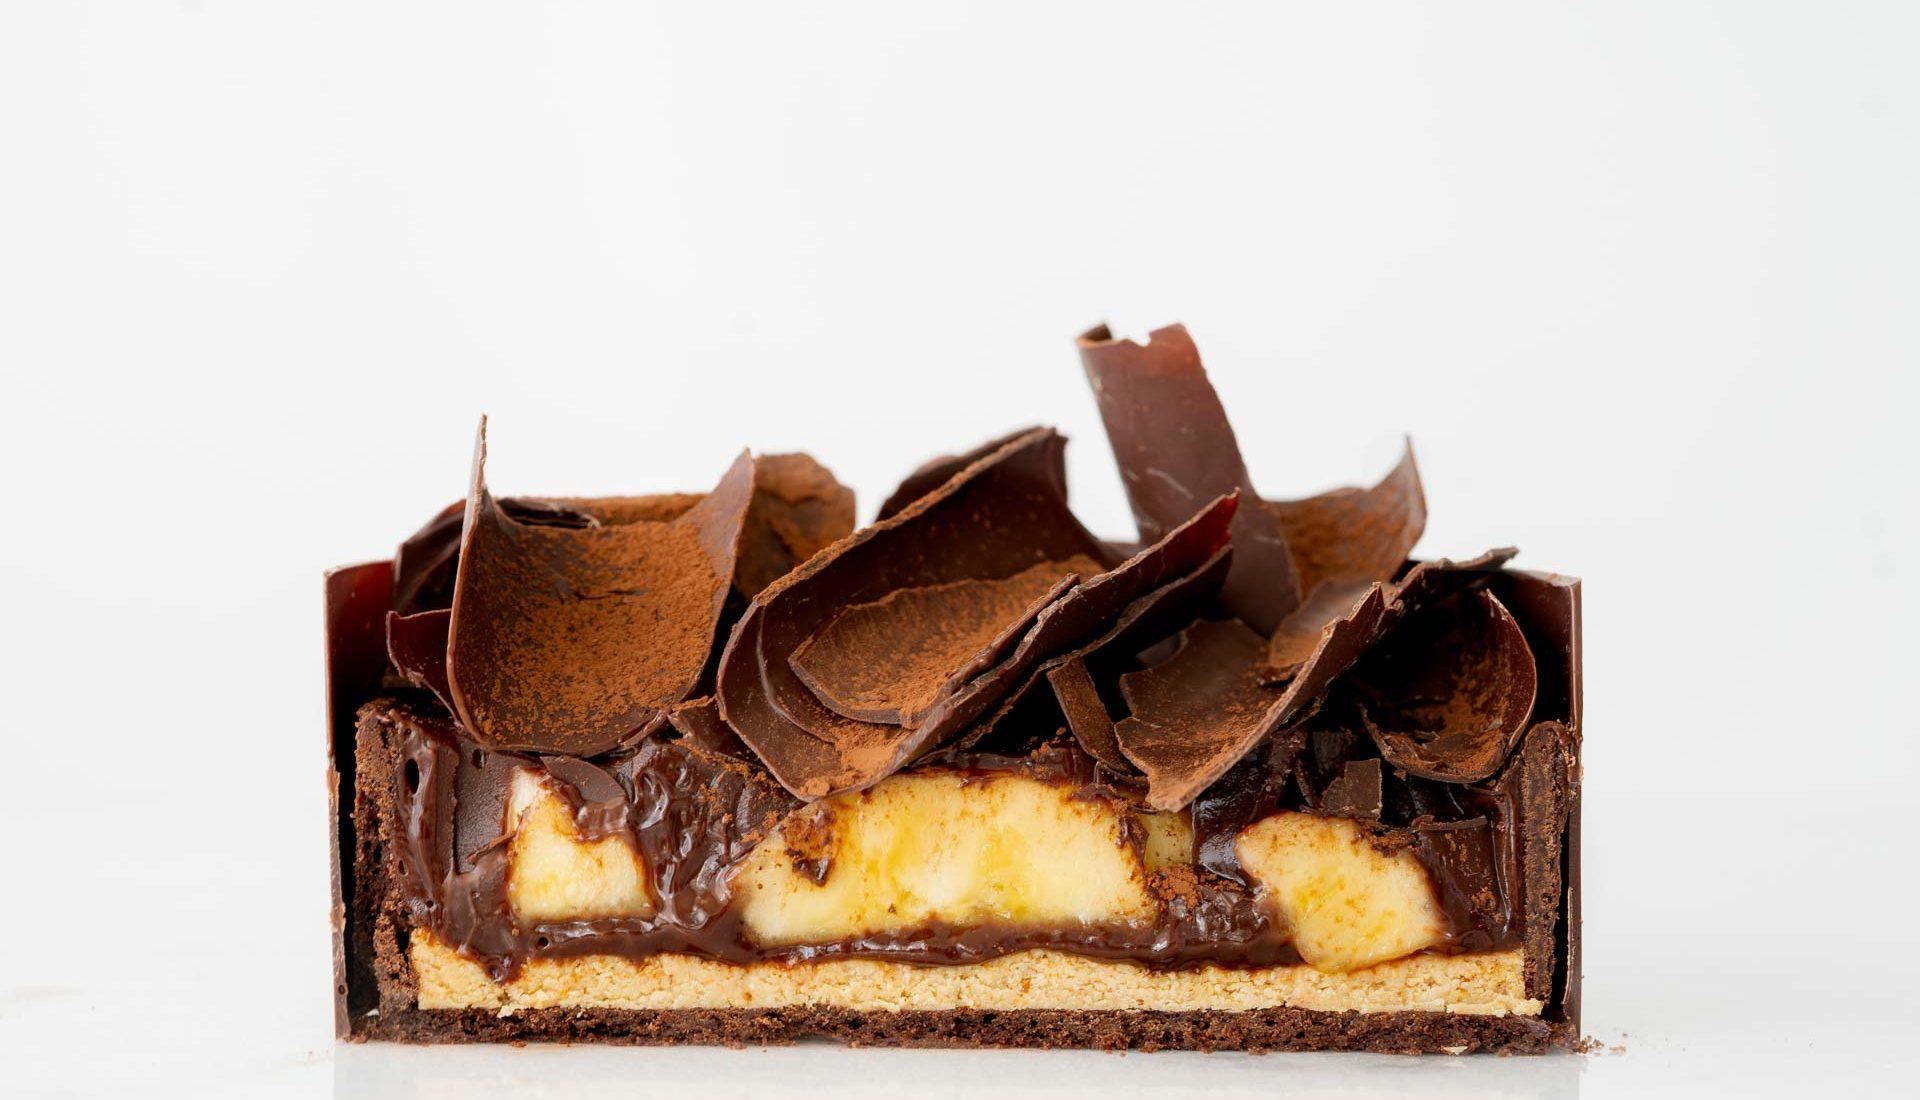 Torta de chocolate com banana